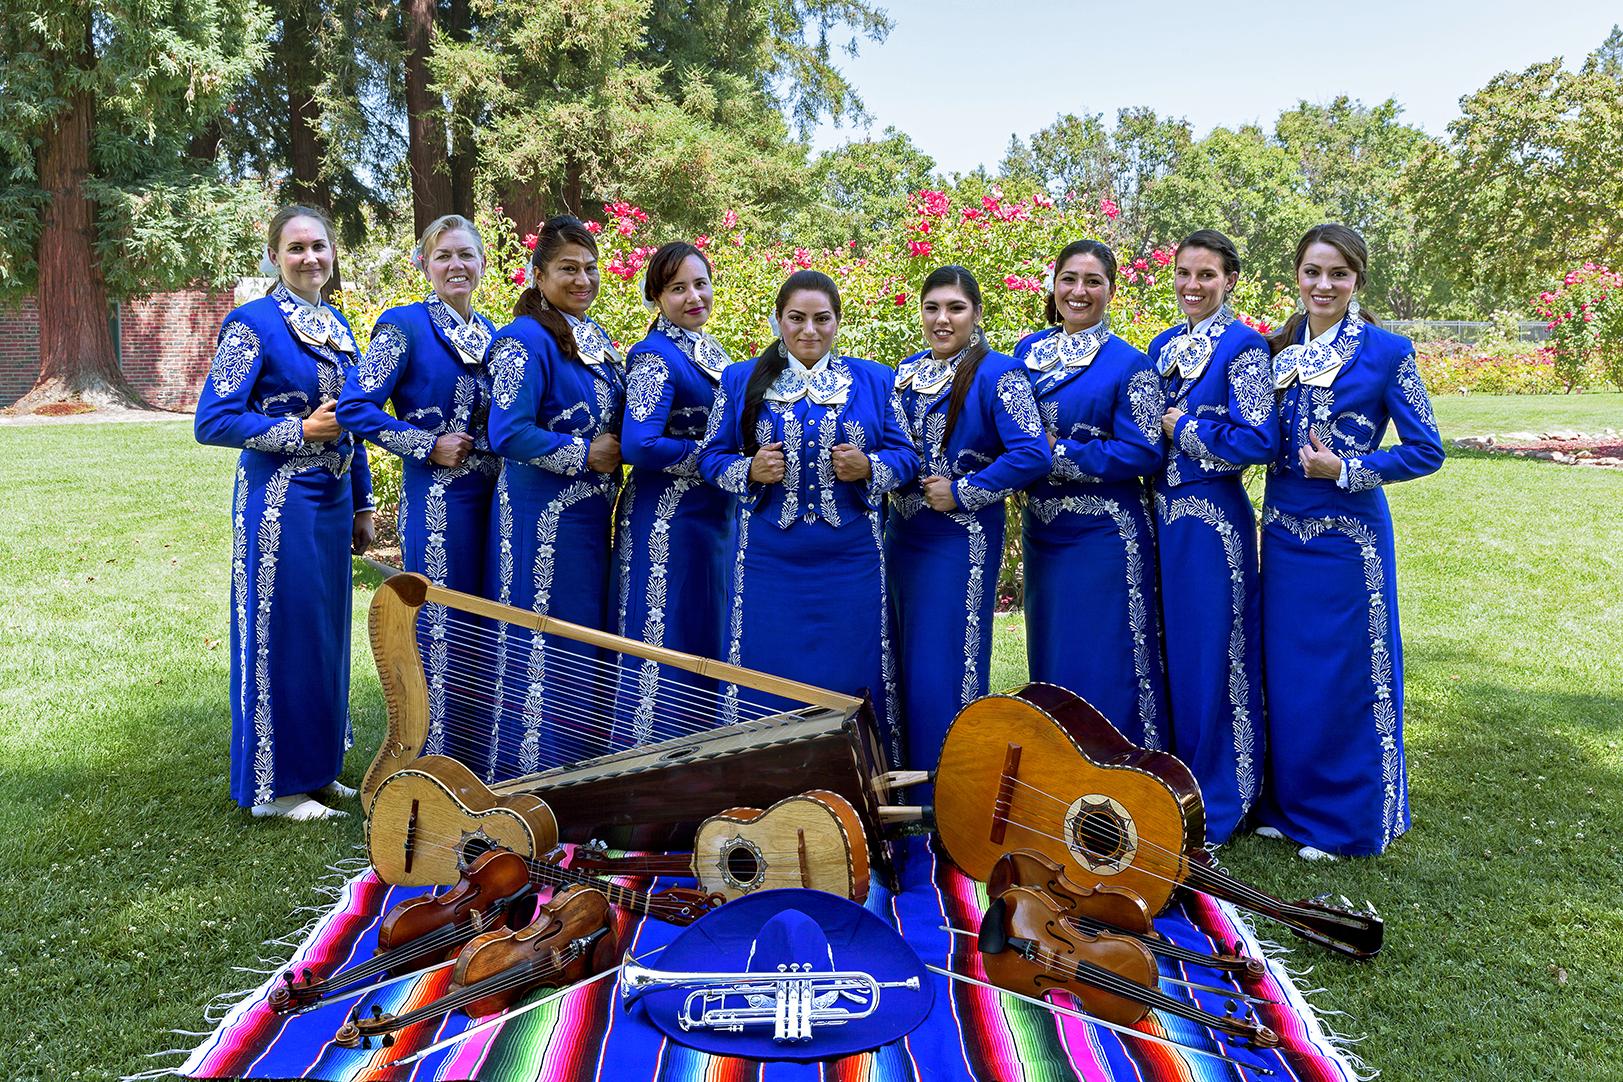 2016.07 - Mariachi Femenil Orgullo Mexicano 055_edit.jpg